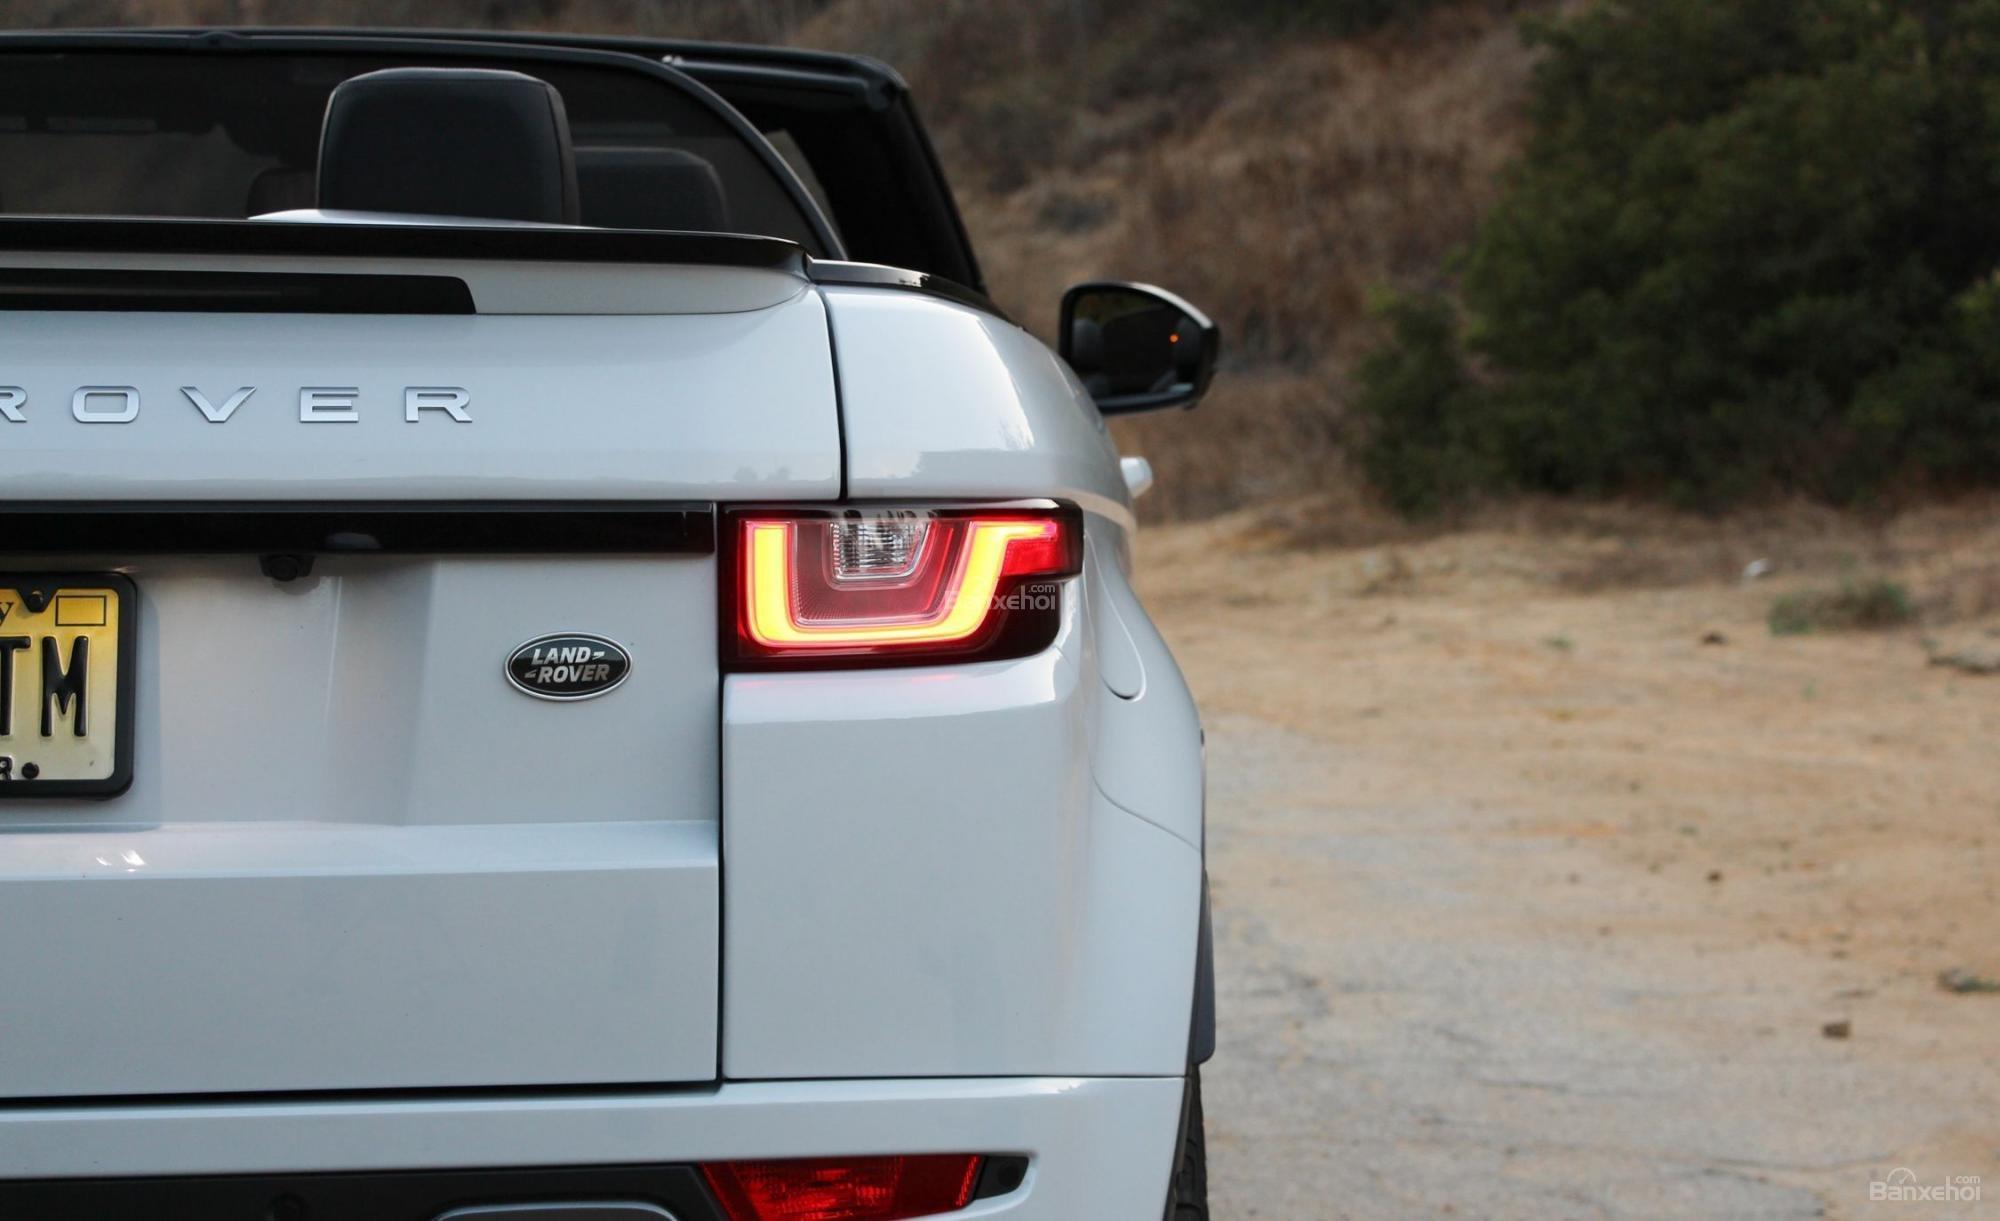 Đánh giá xe Range Rover Evoque 2019 Convertible - ảnh 9